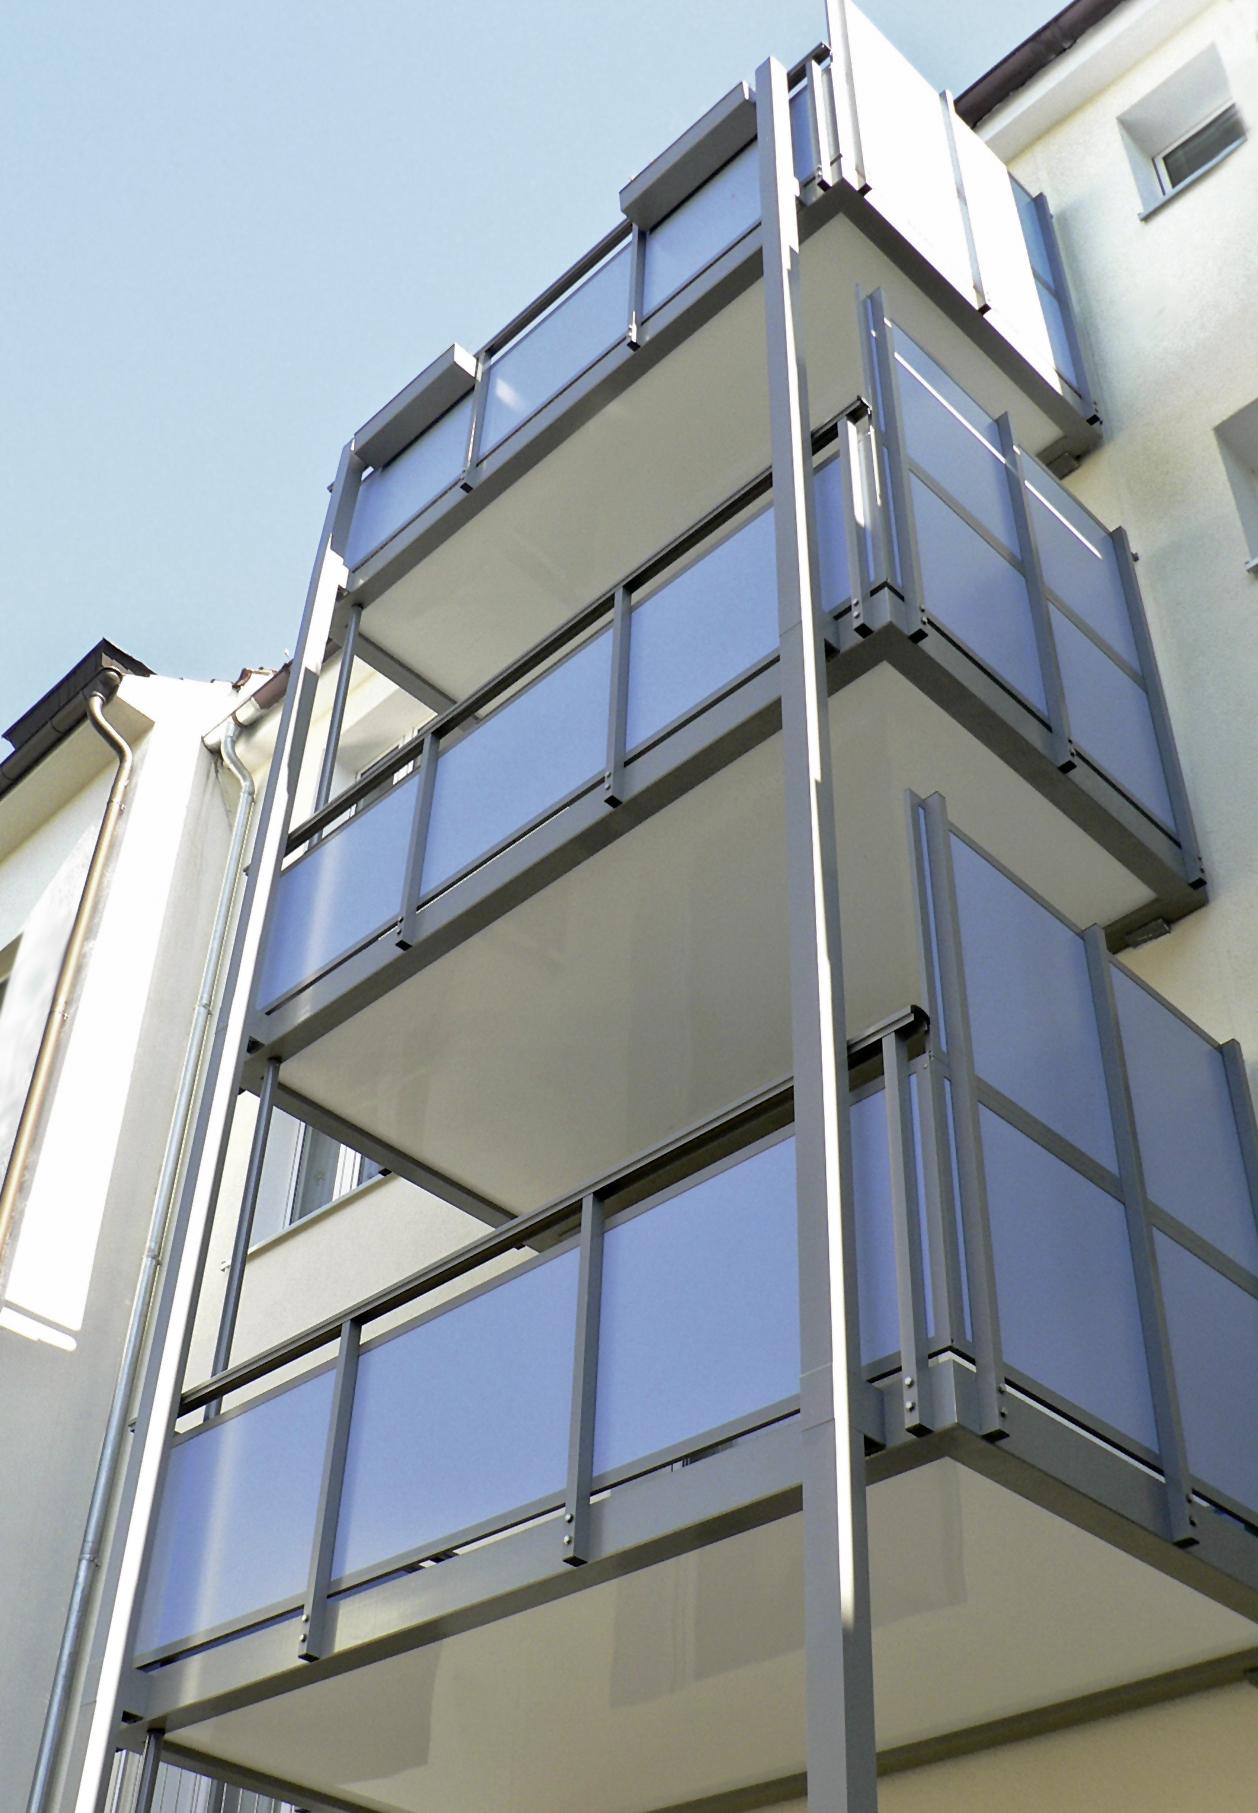 Die Vorteile Von Hpl Platten Als Balkonverkleidung Vorde Kunststoffe